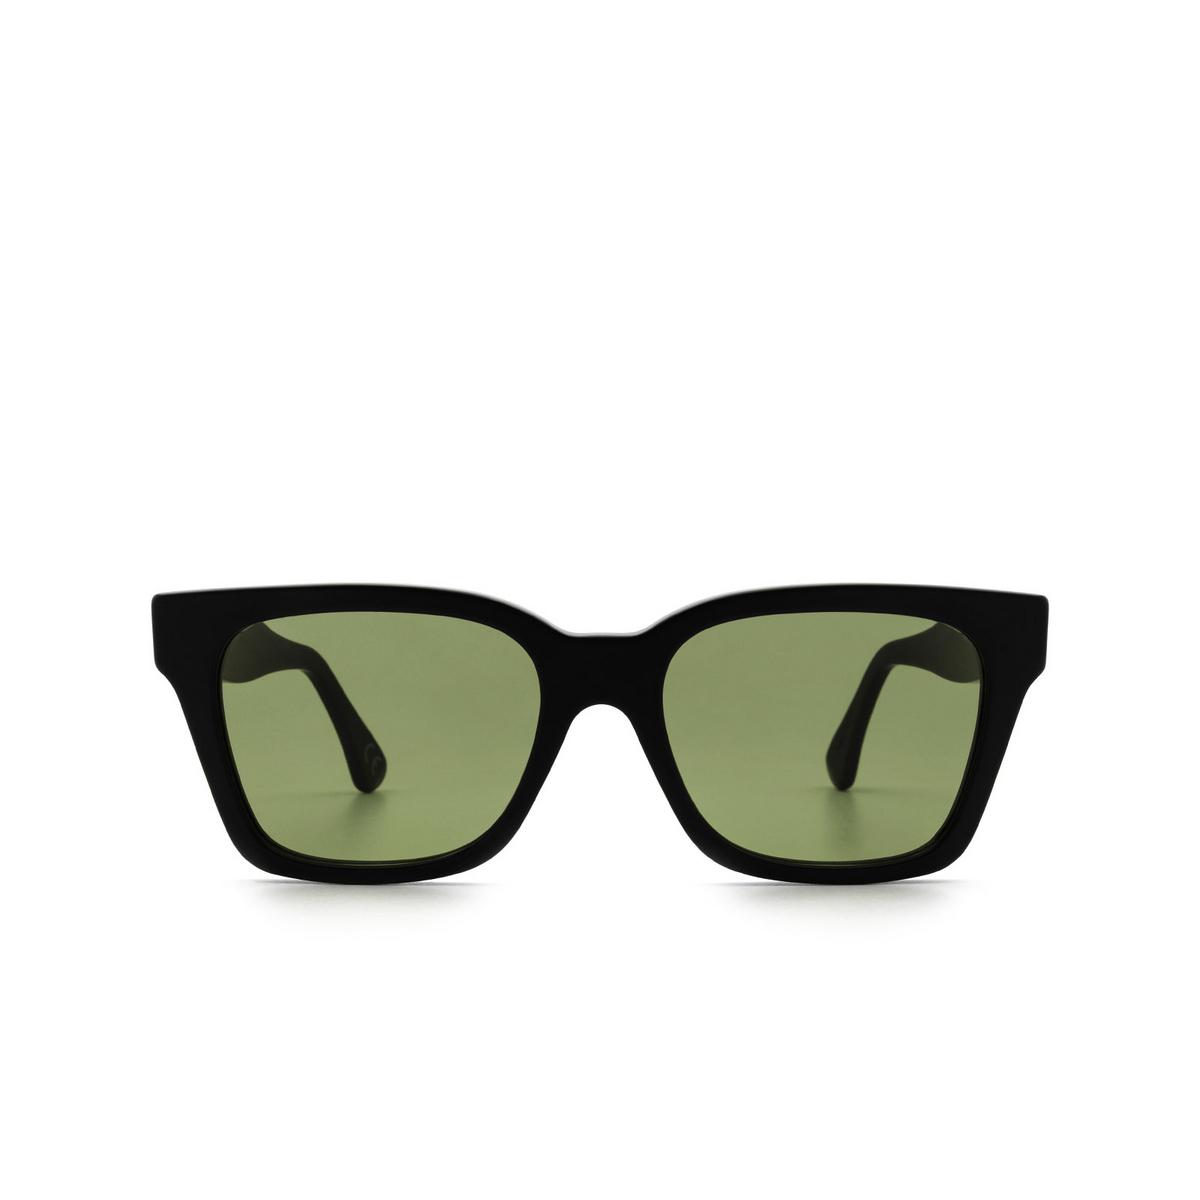 Retrosuperfuture® Square Sunglasses: America color Black Matte 5H9 - front view.